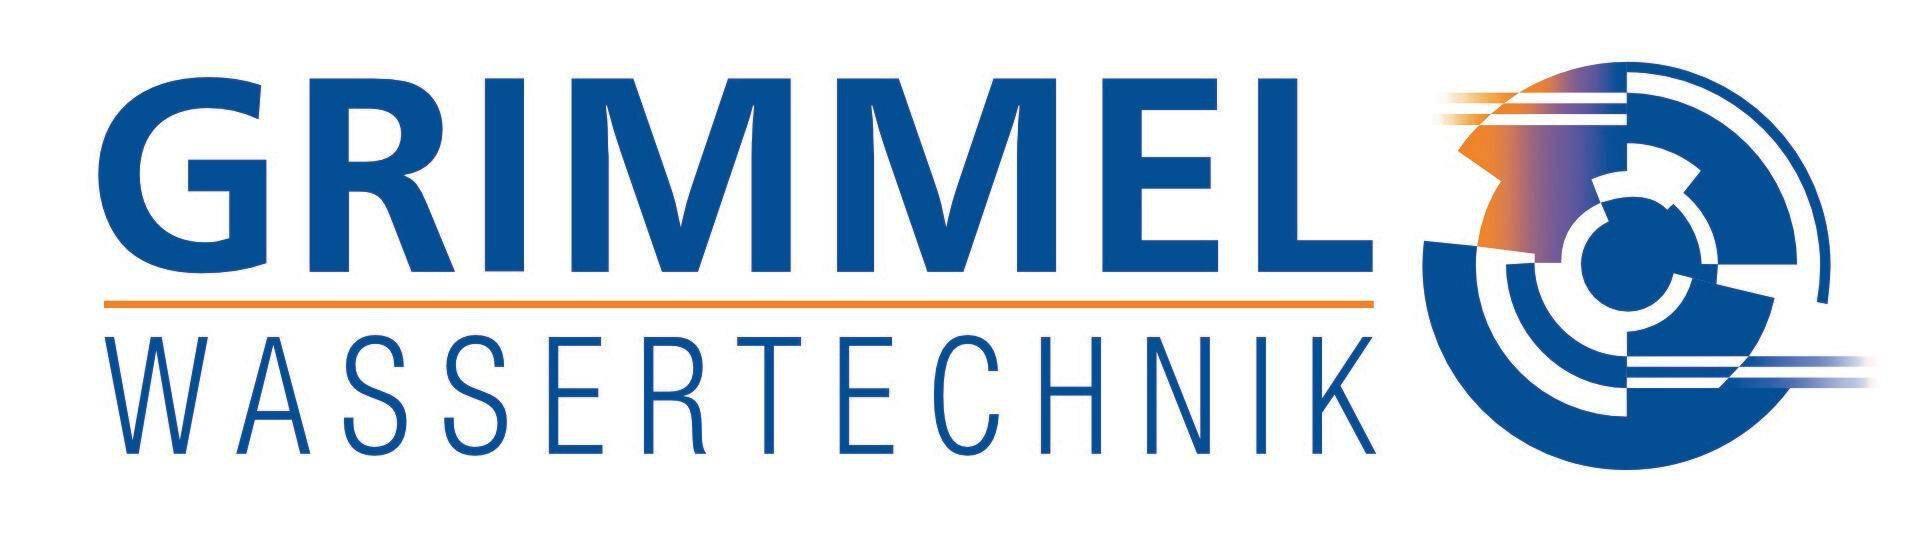 Company banner of Grimmel Wassertechnik GmbH